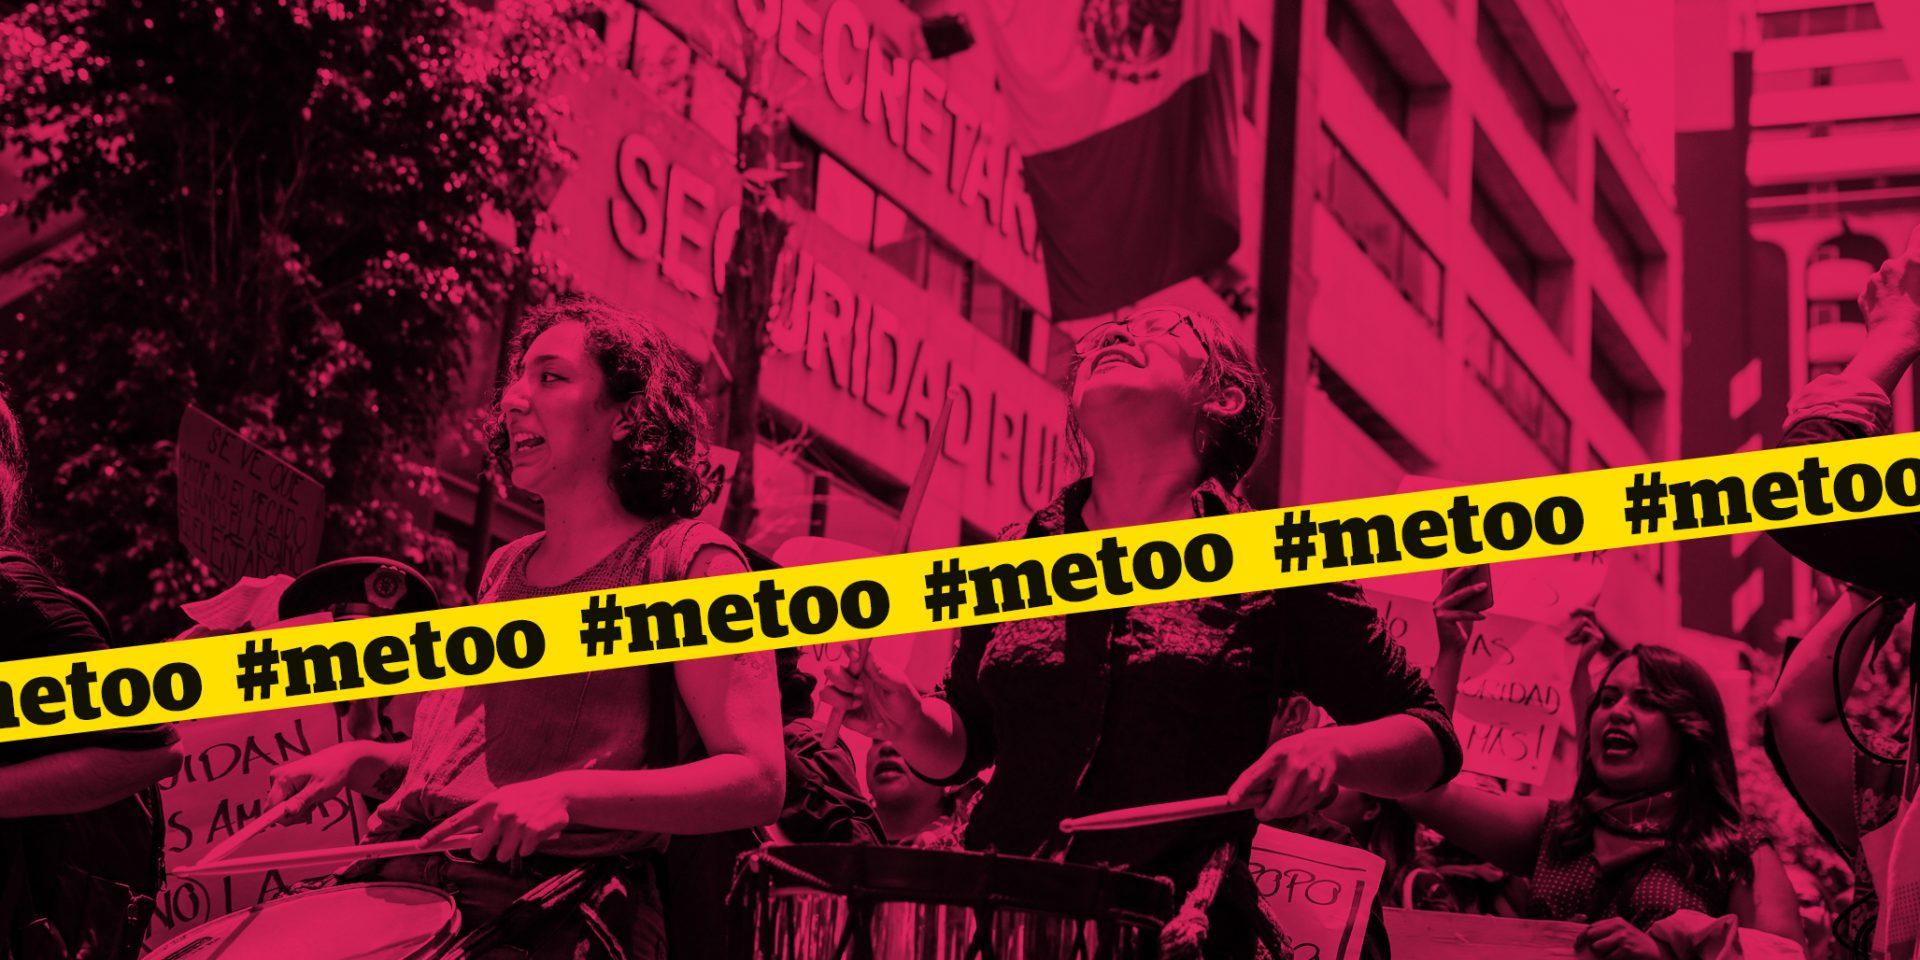 Allt fler kvinnor i Mexiko börjar nu säga #metoo.